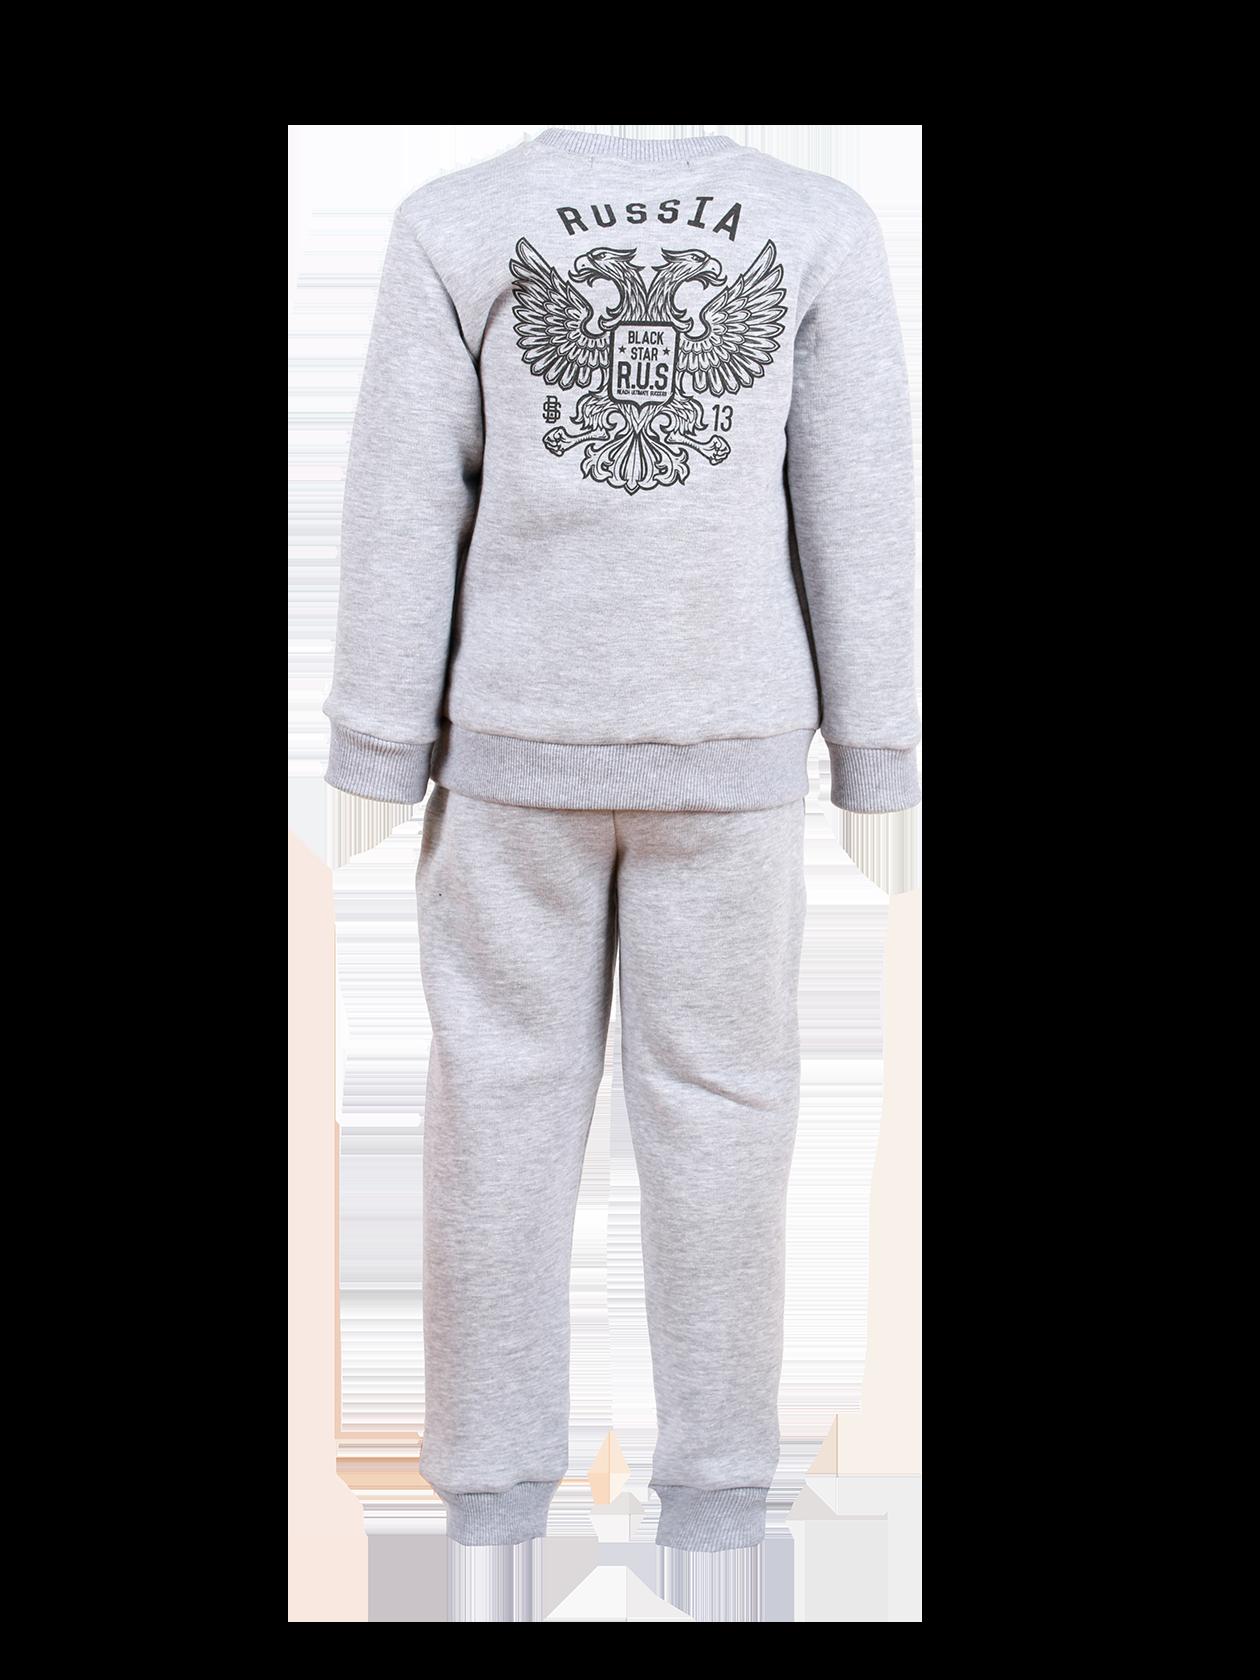 Костюм спортивный детский R.U.S. GERBКостюм спортивный детский R.U.S. GERB – базовая вещь в гардеробе любого ребенка. Прямой свободный крой модели сохранит активность и подарит комфорт при каждом движении. Комплект представлен свитшотом и зауженными брюками в цвете серый меланж. Нижний край и рукава толстовки, пояс и низ штанов оформлены широким трикотажным материалом на резинке. Эластичная горловина удобна при надевании изделия. На спине крупный принт в виде двуглавого орла и надписи Russia. Практичность и износостойкость обеспечена блендом натурального мягкого футера.<br><br>Размер: 7-8 years<br>Цвет: Серый меланж<br>Пол: Унисекс